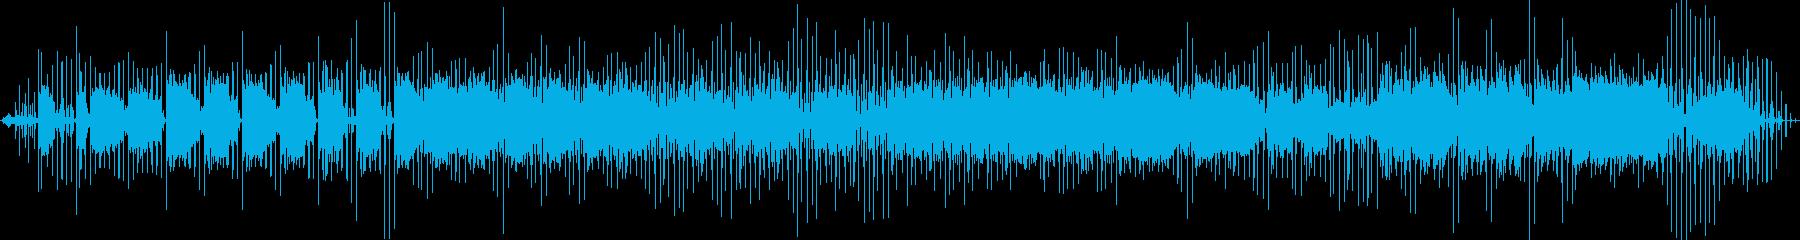 クールな映像音楽の再生済みの波形